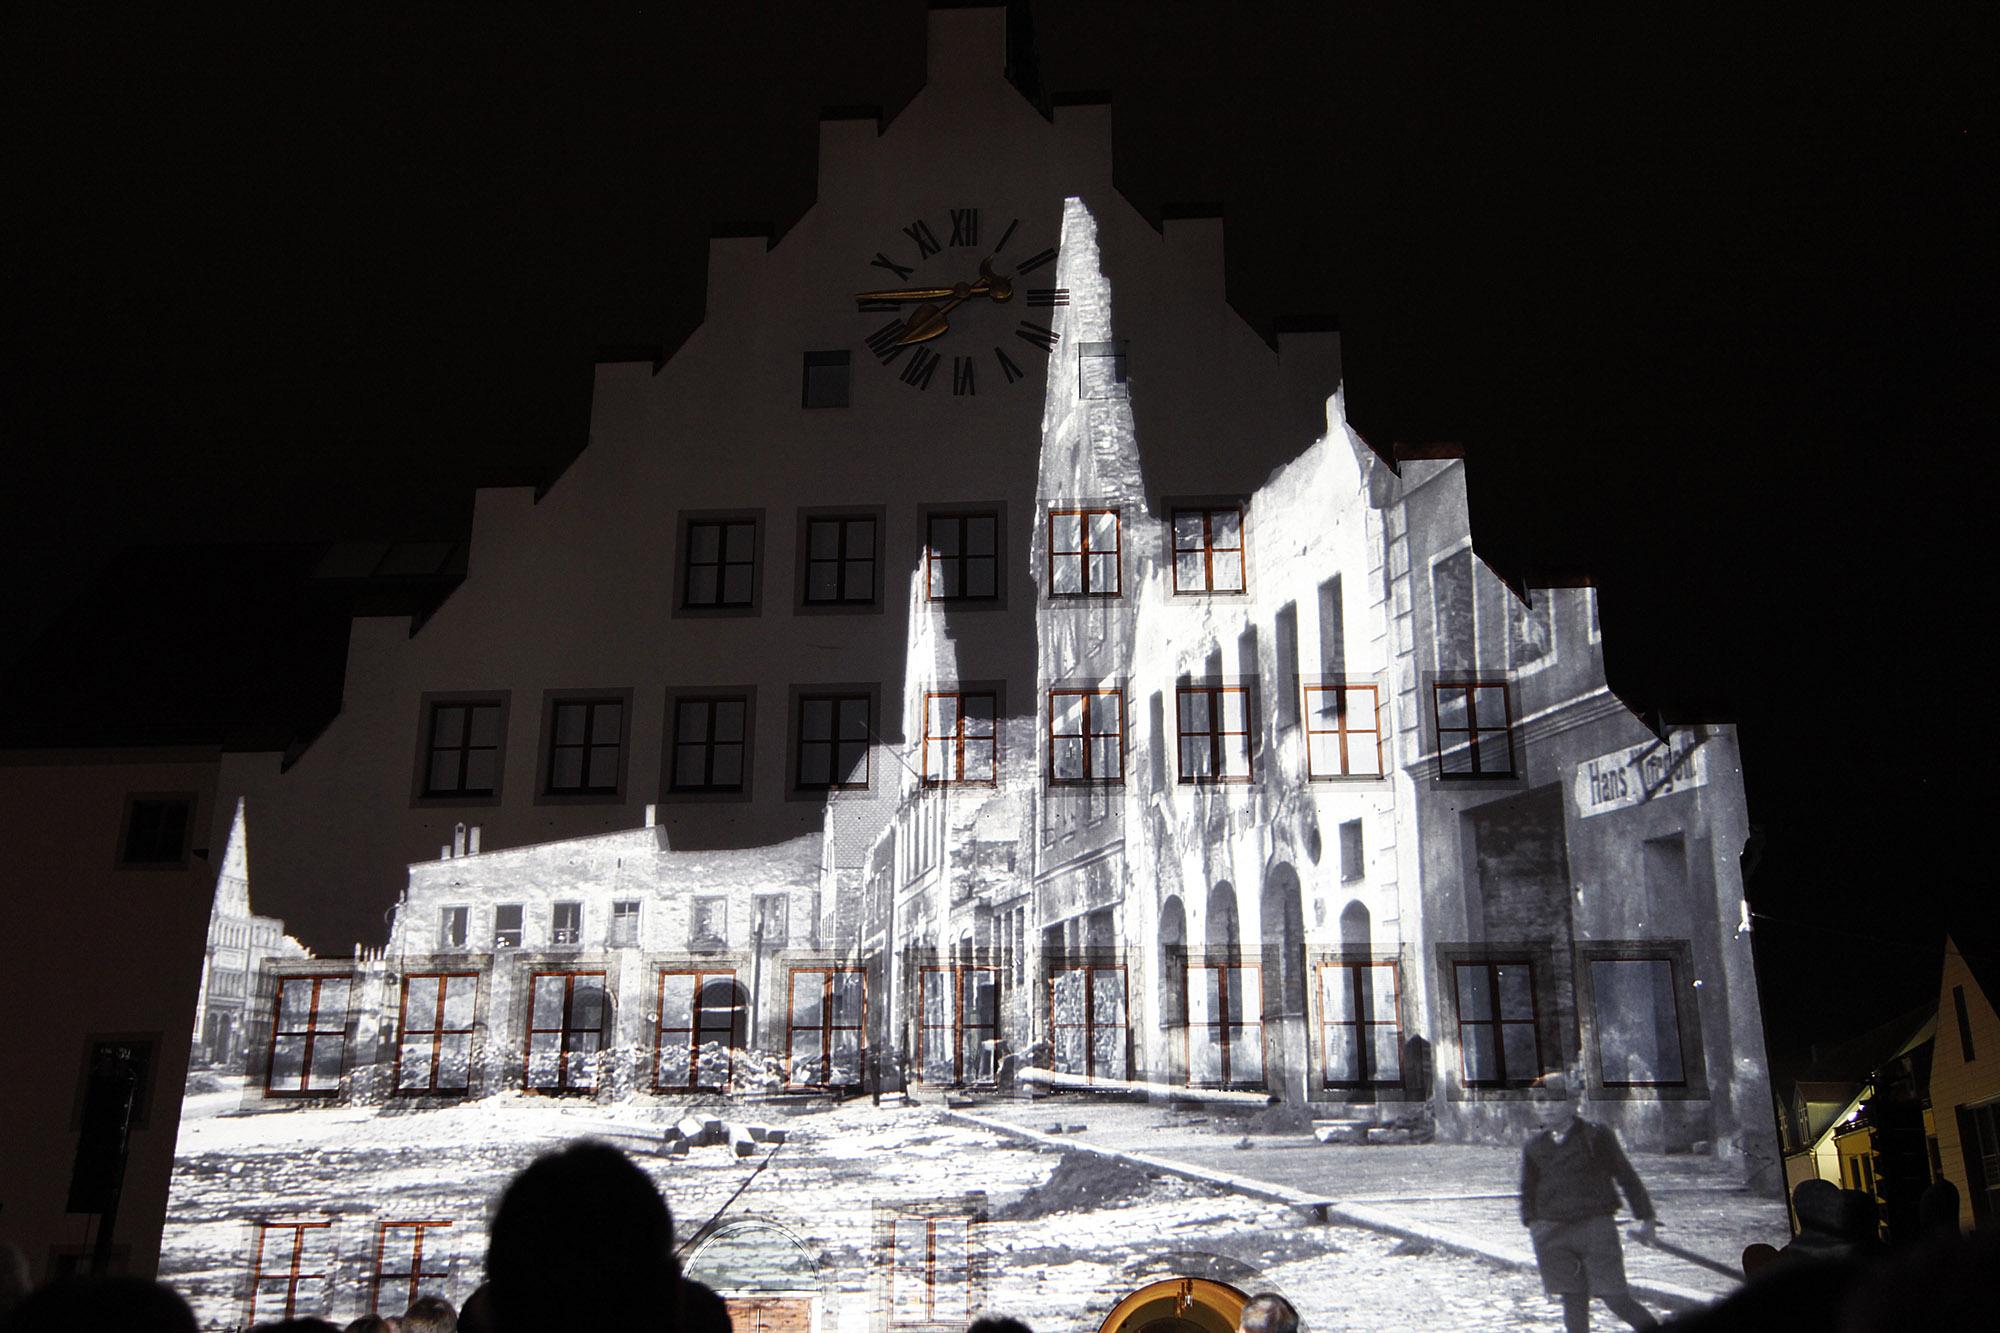 850JahreNeumarkt_Stadtgeschichte_2010_19.jpg